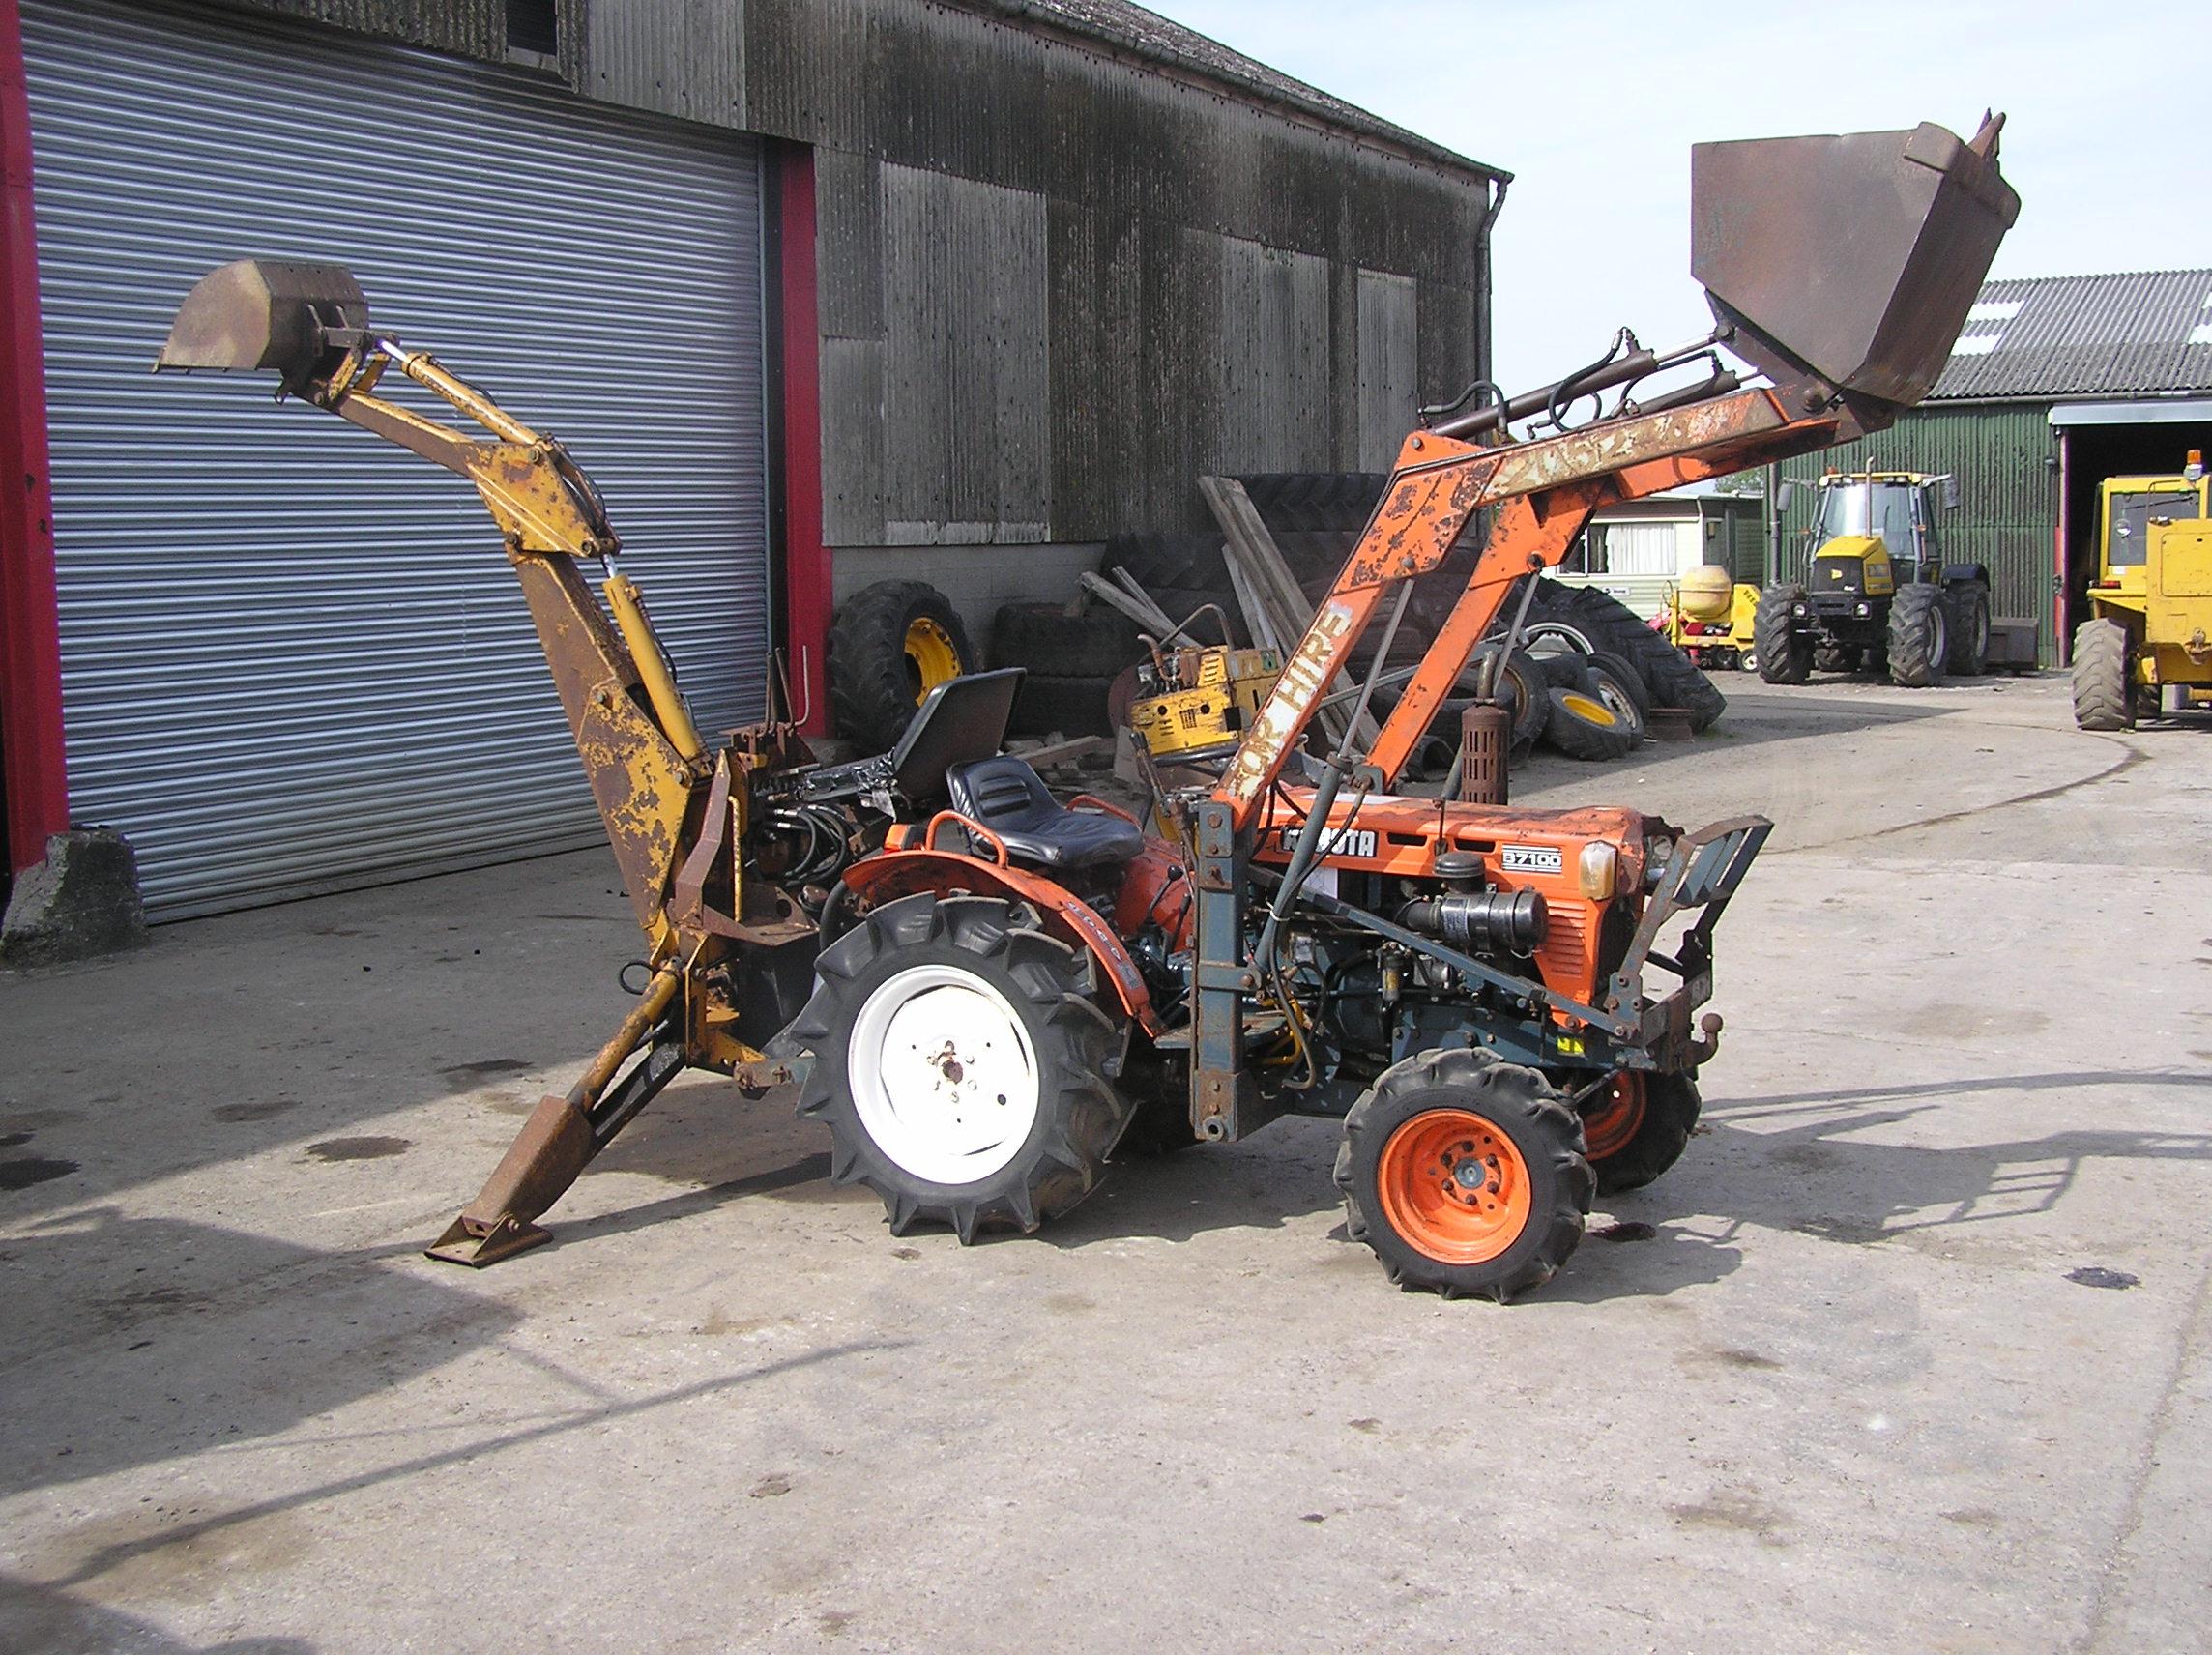 Kubota B7100 Loader : Kubota b tractor appraisal sold as seen without